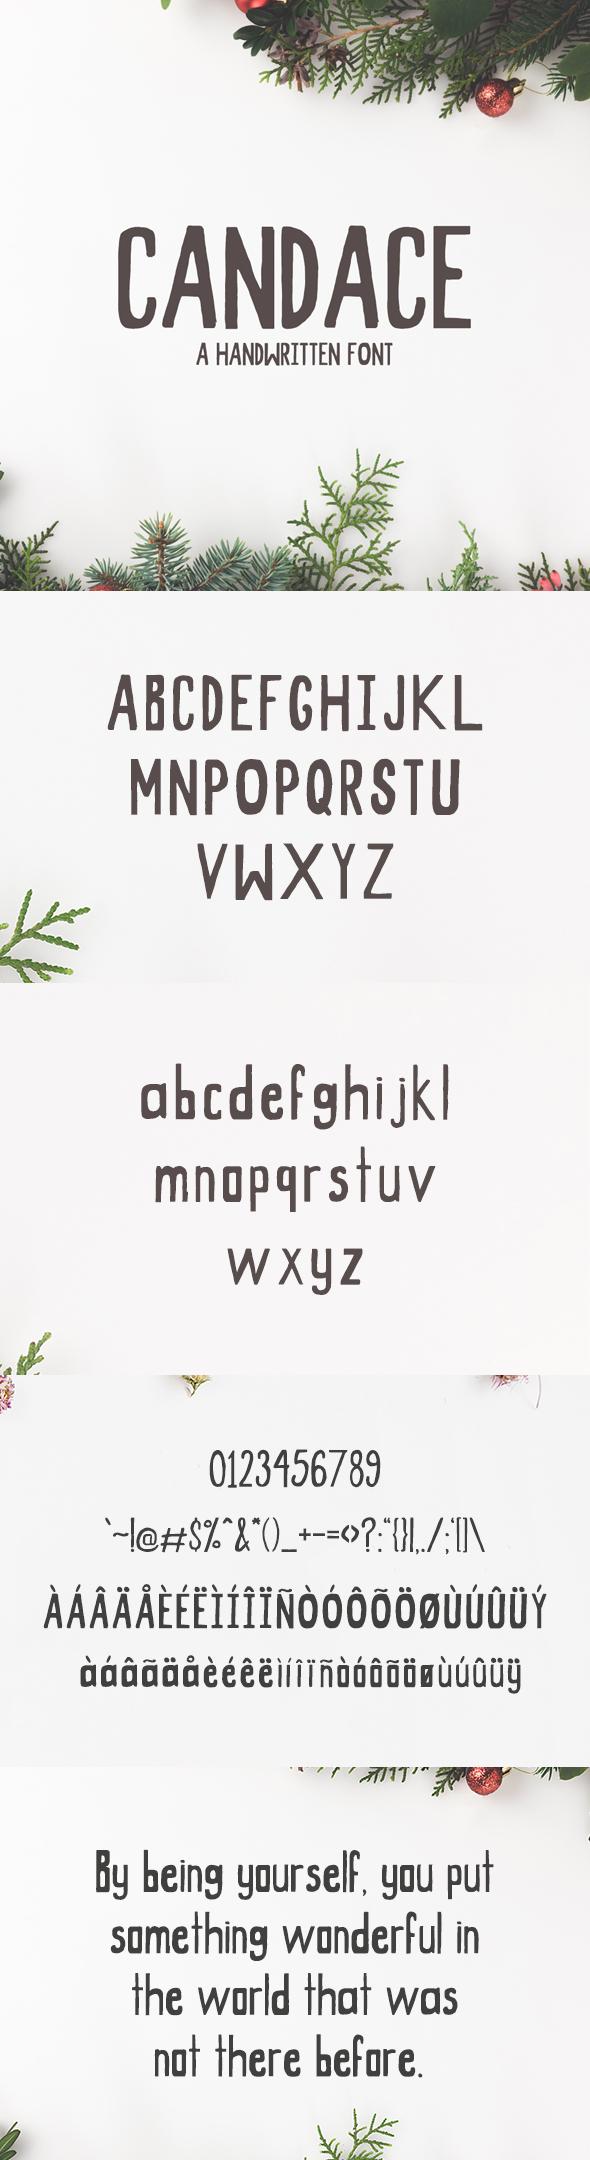 Candace A Handwritten Font - Hand-writing Script